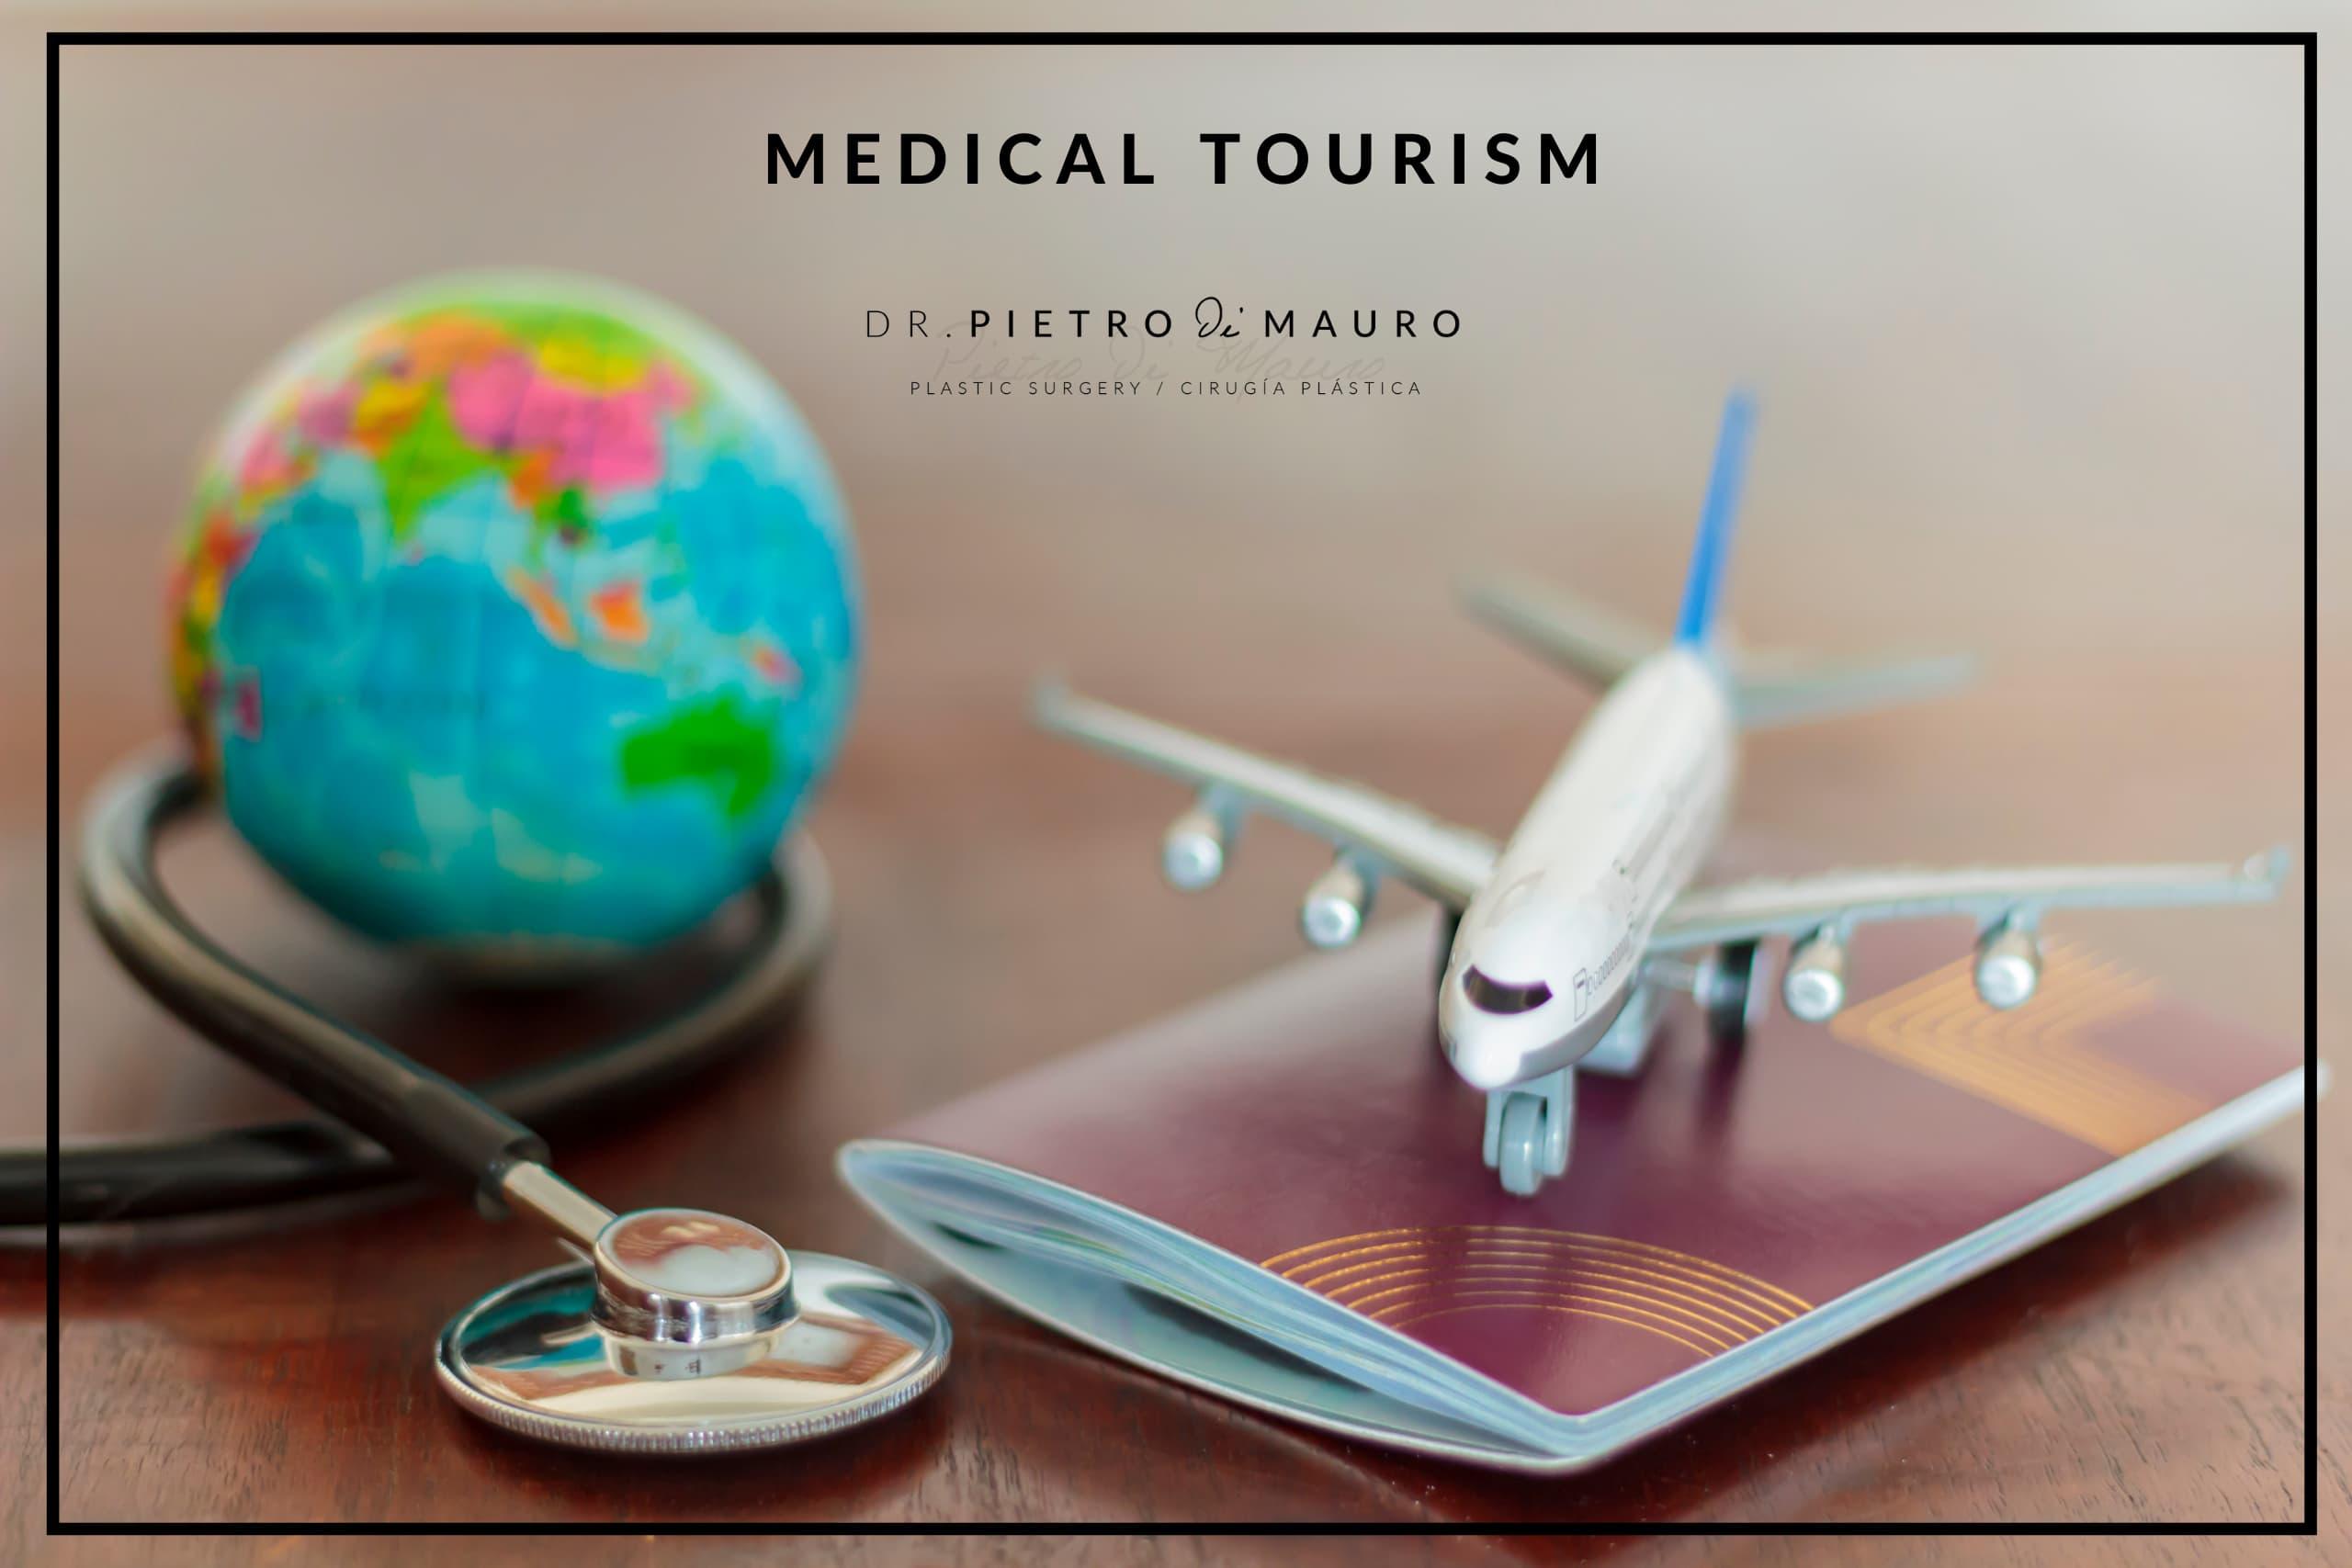 Medial Tourism in Spain Pietro Di Mauro